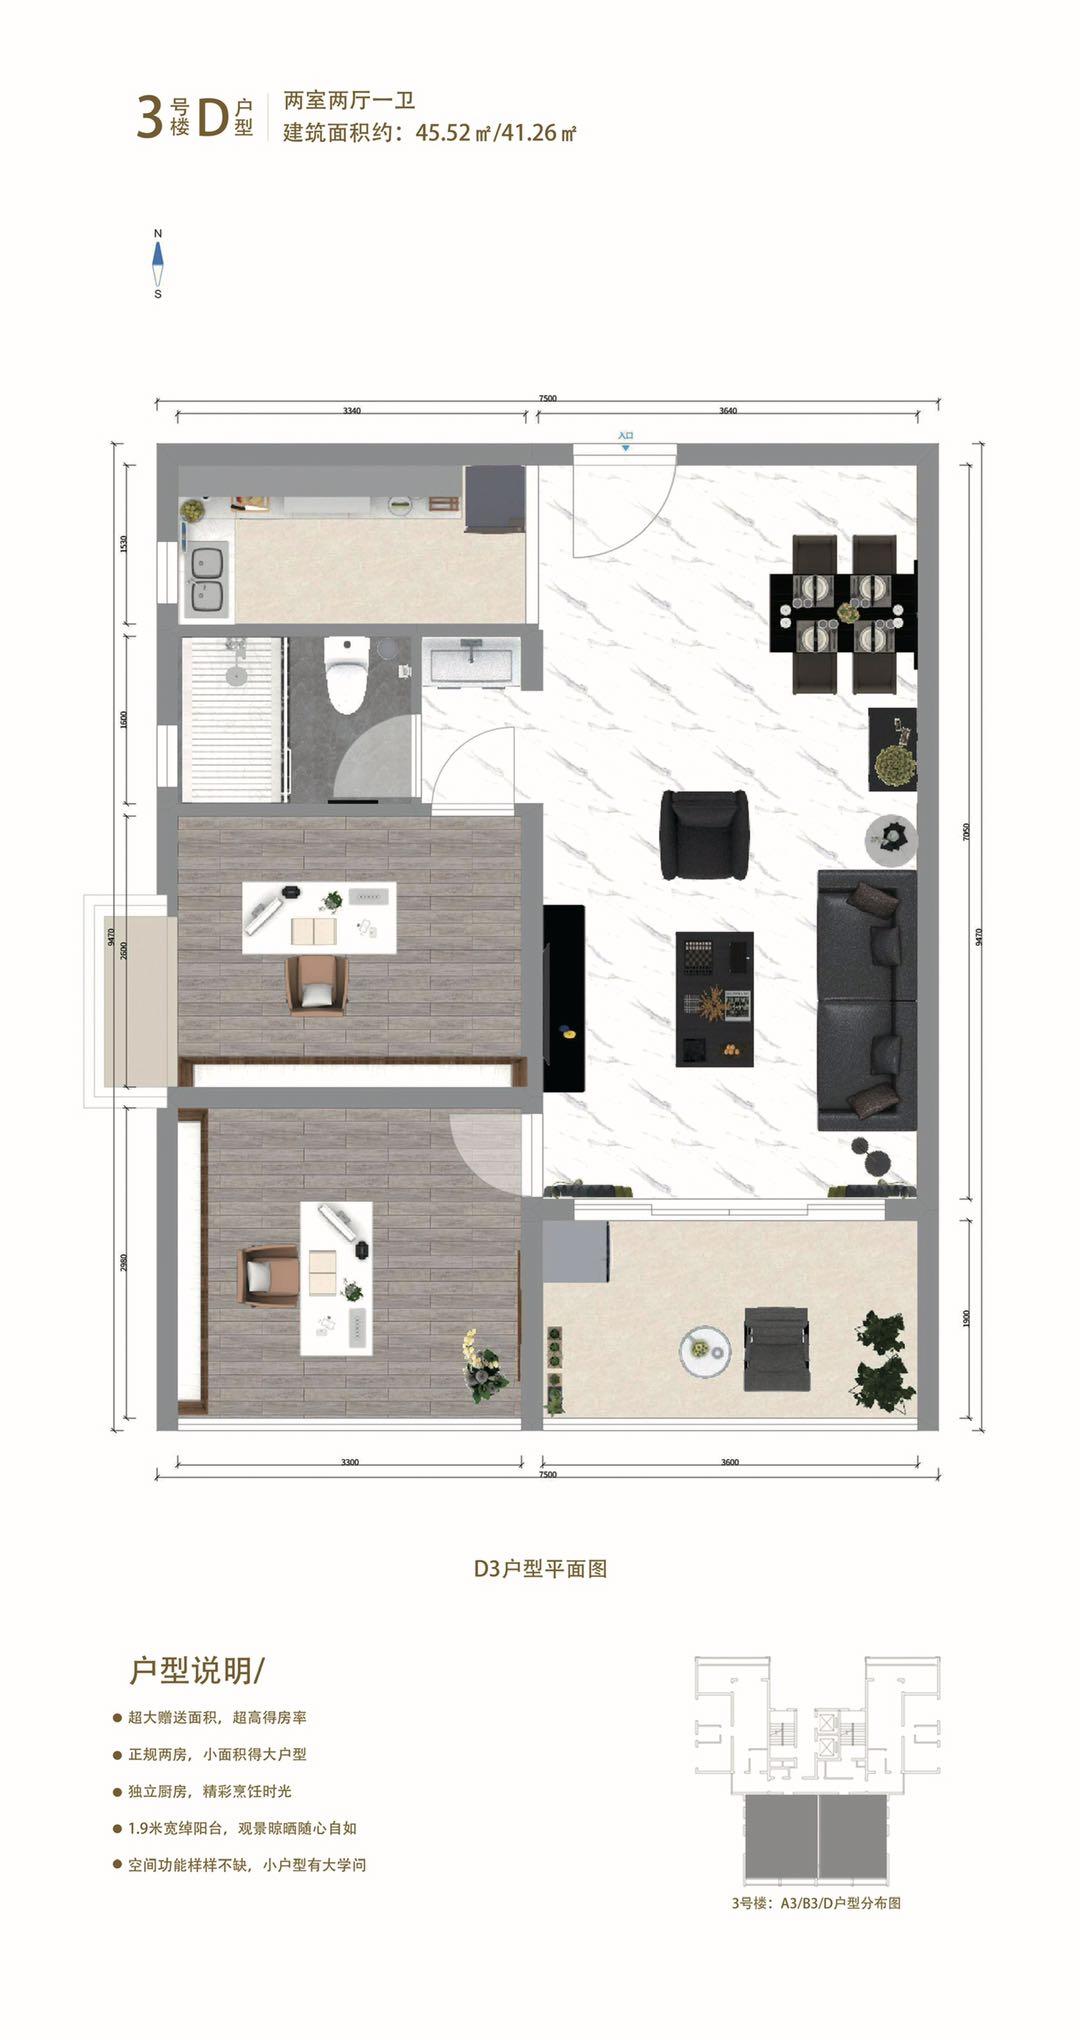 3号楼D户型 2室2厅1卫 建面45.52㎡